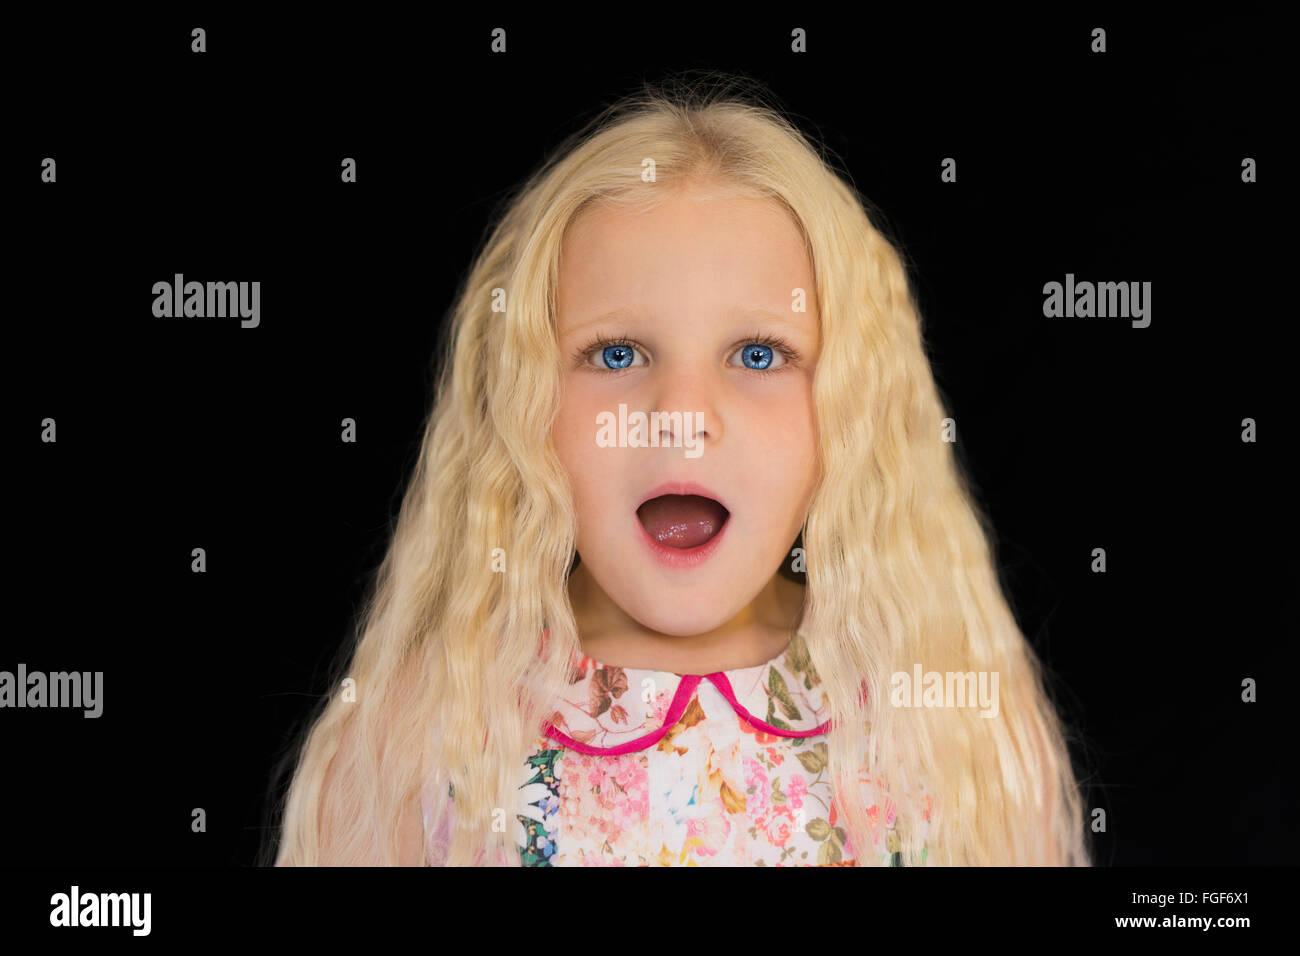 Joven con largo pelo rubio sorprendió con una expresión de pie contra un fondo negro Foto de stock